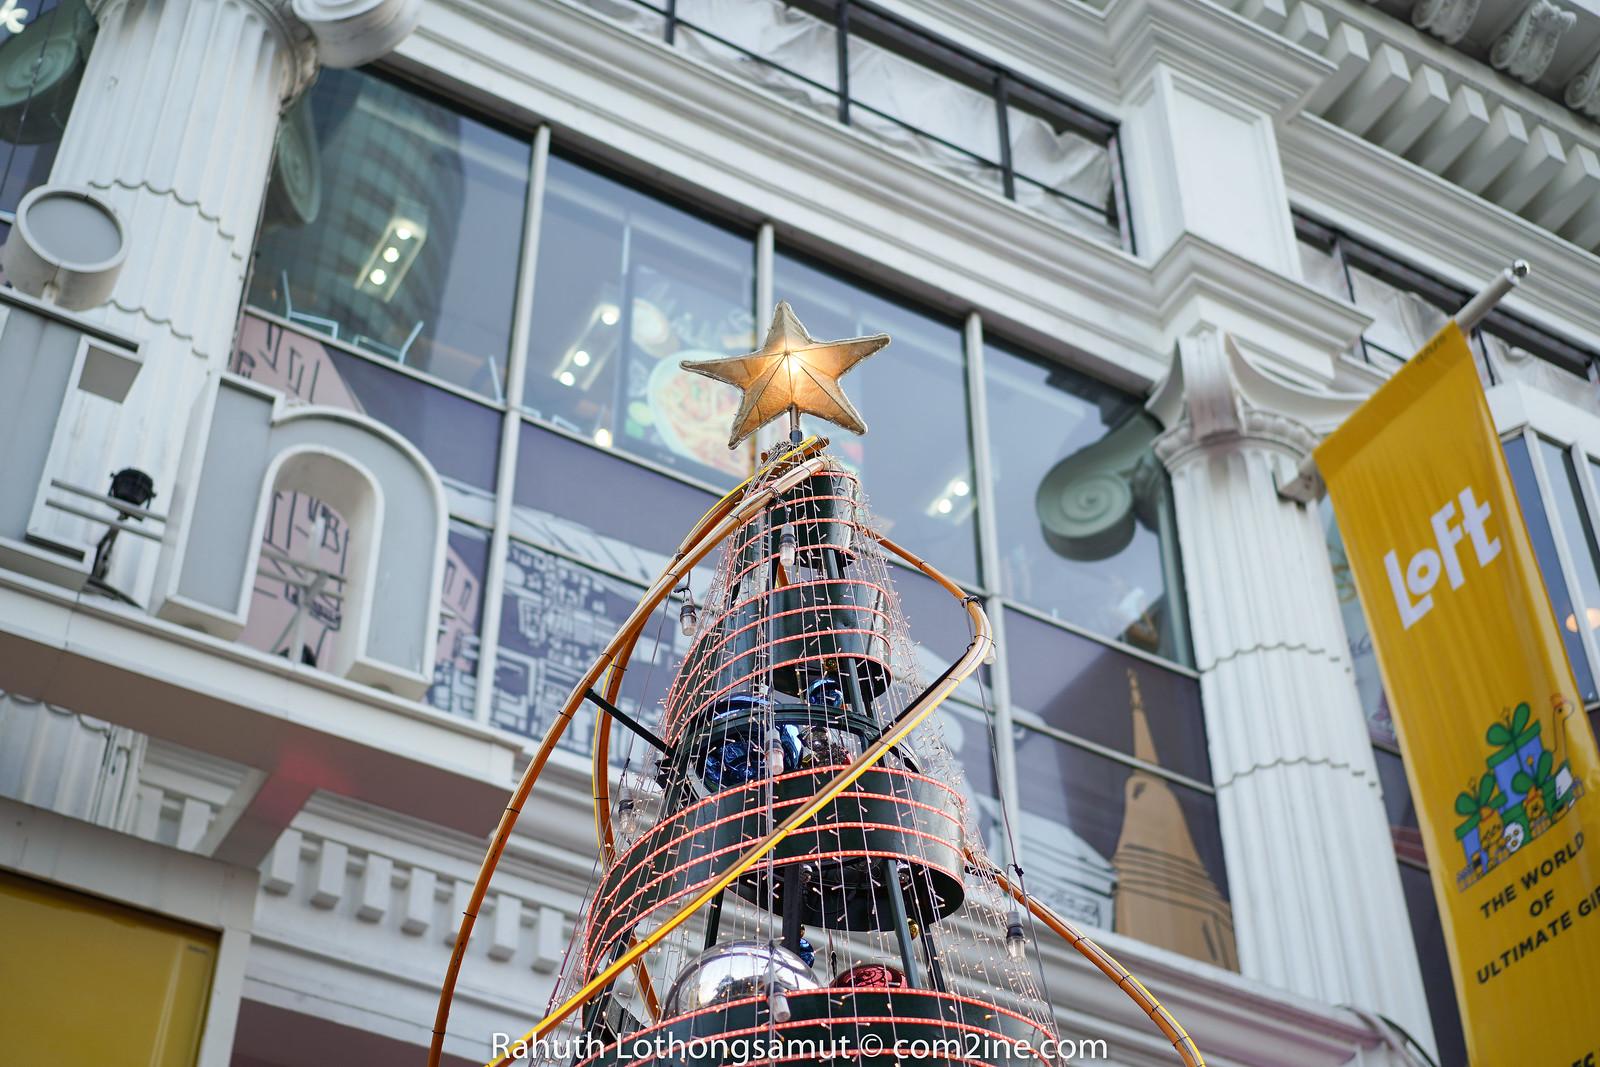 ถ่ายไฟคริสต์มาส ถ่ายไฟปีใหม่ 2020 - Amarin Plaza อัมรินทร์